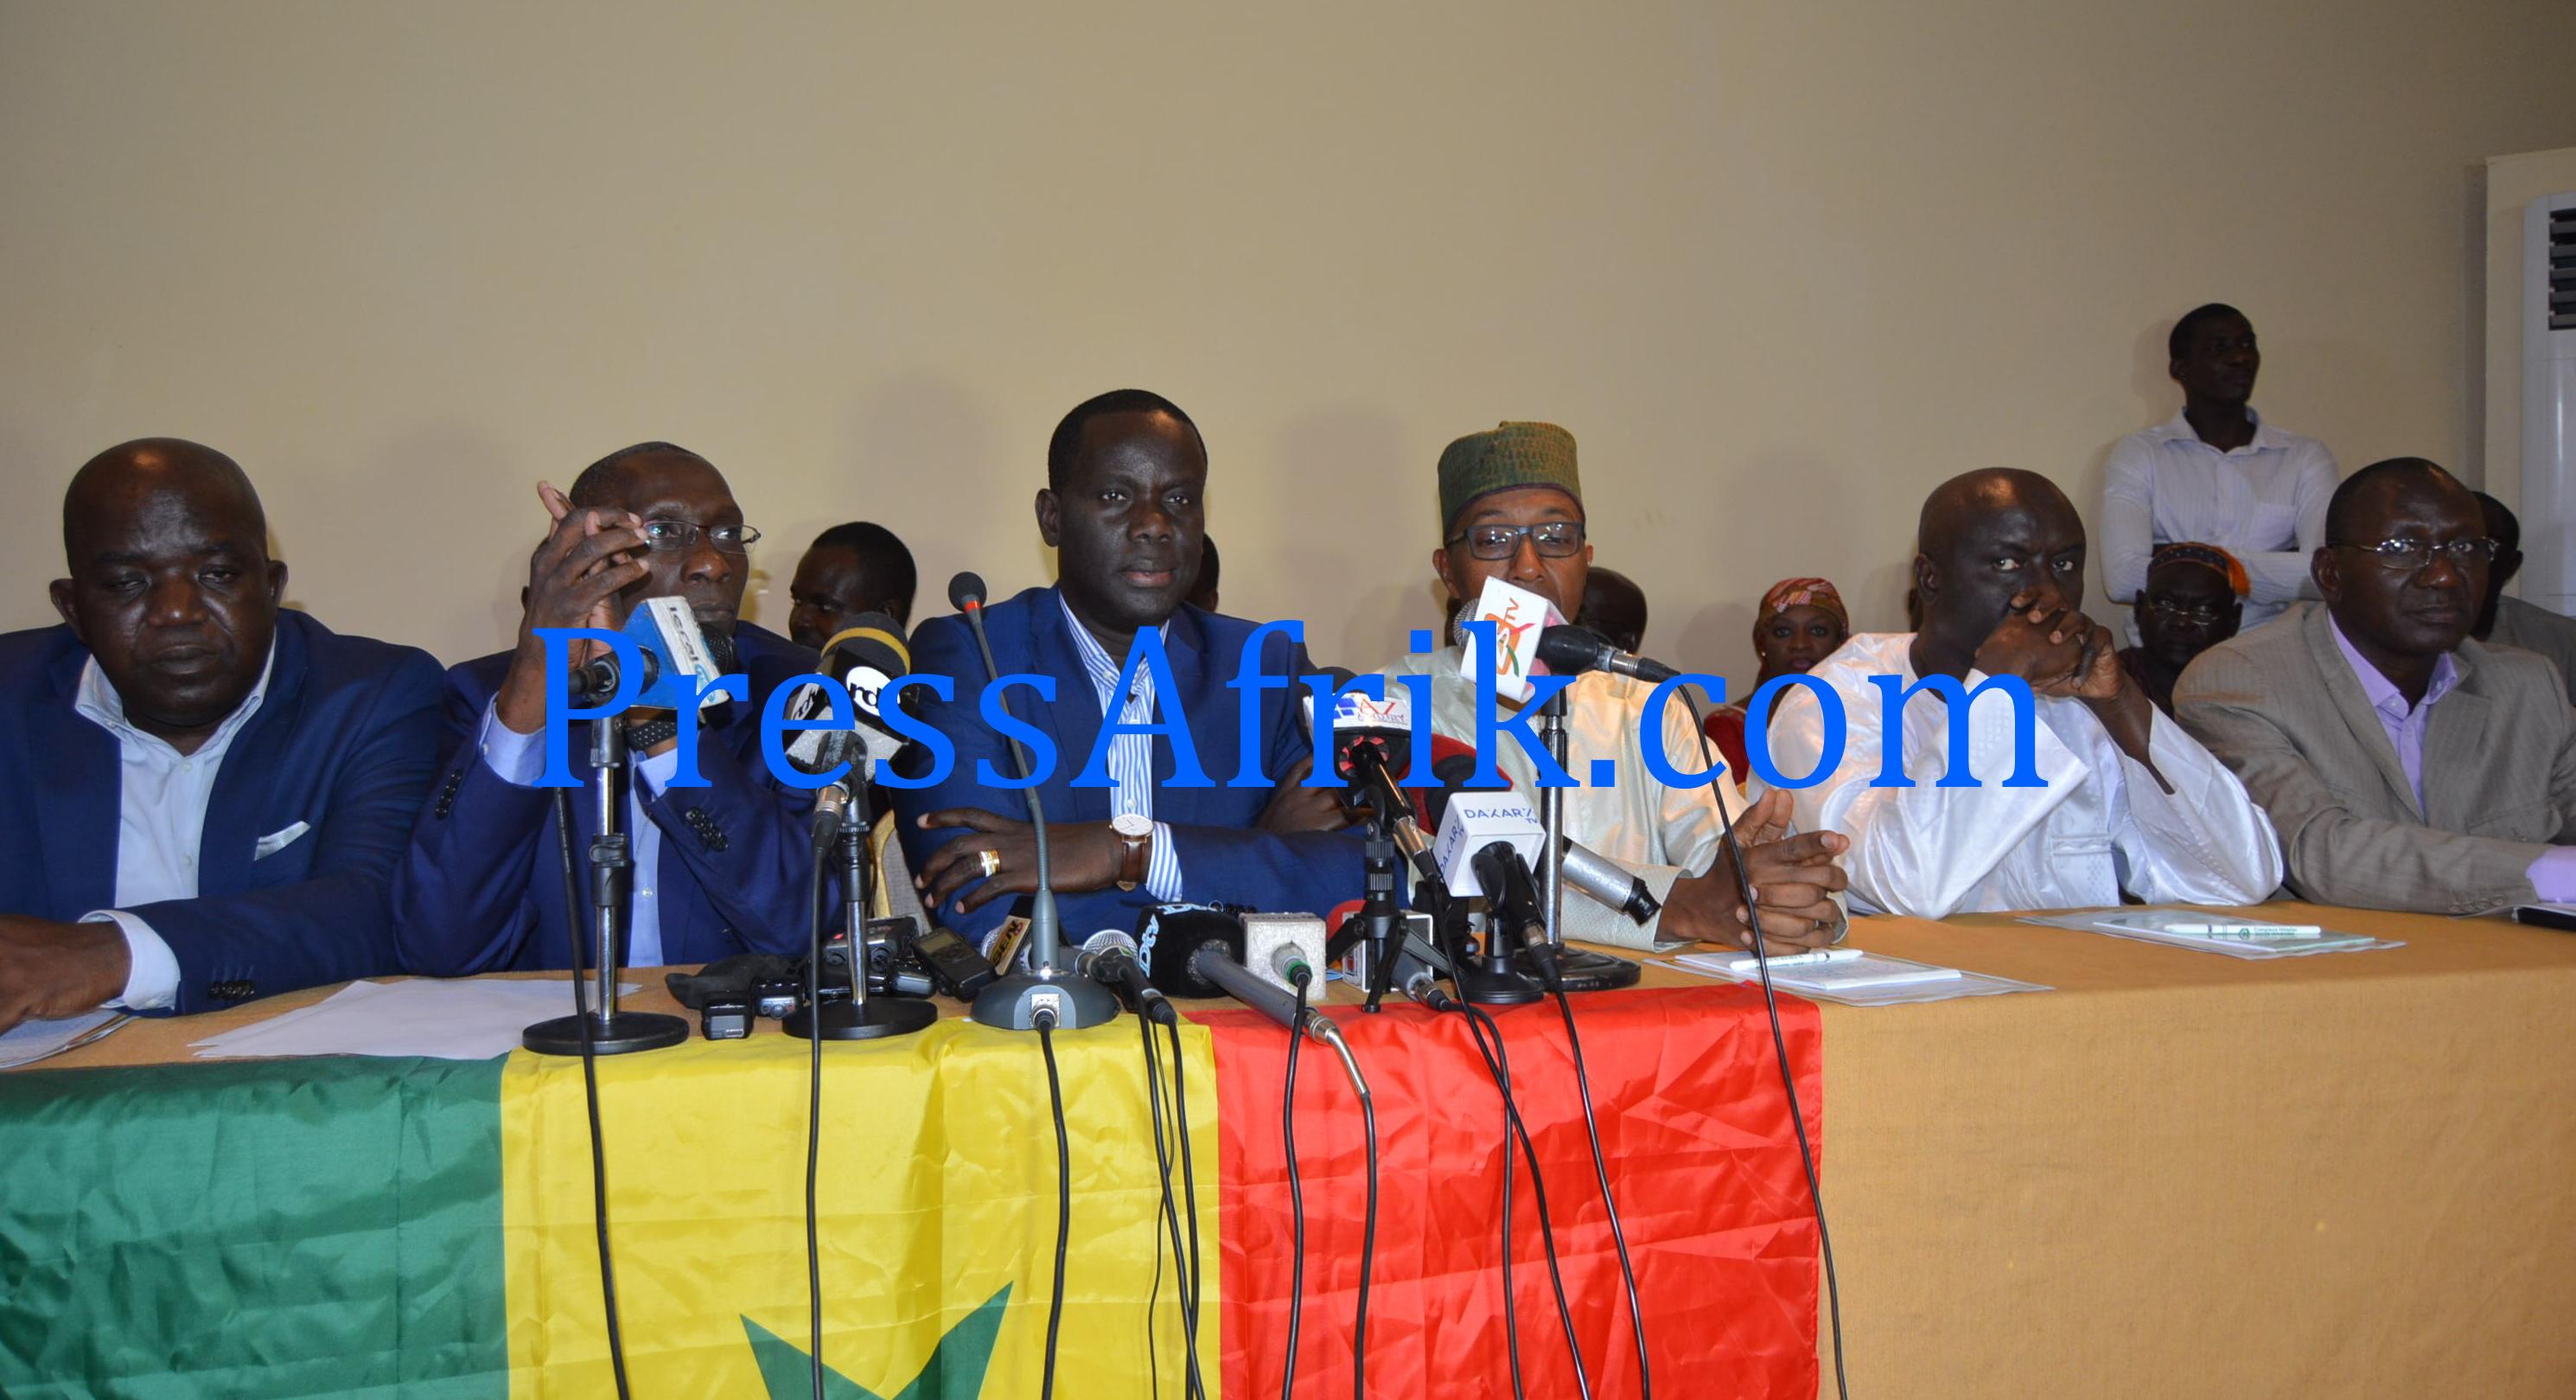 Dernière minute - Désaccords sur l'itinéraire: l'arrêté de Me Ousmane Ngom menace la marche de l'opposition